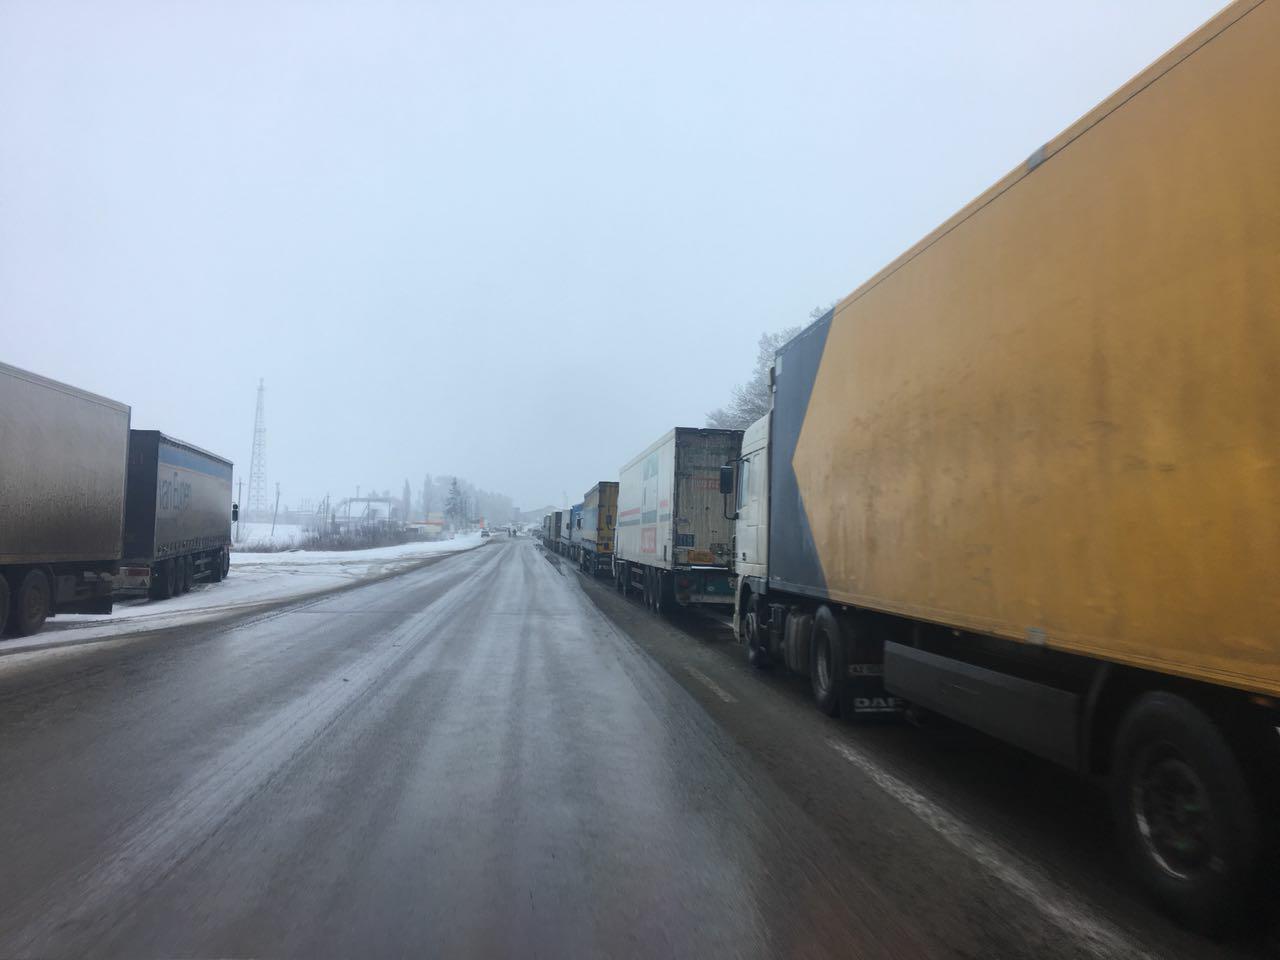 РФ не пропускает фуры из Украины: в Гоптовке очередь из 150 авто